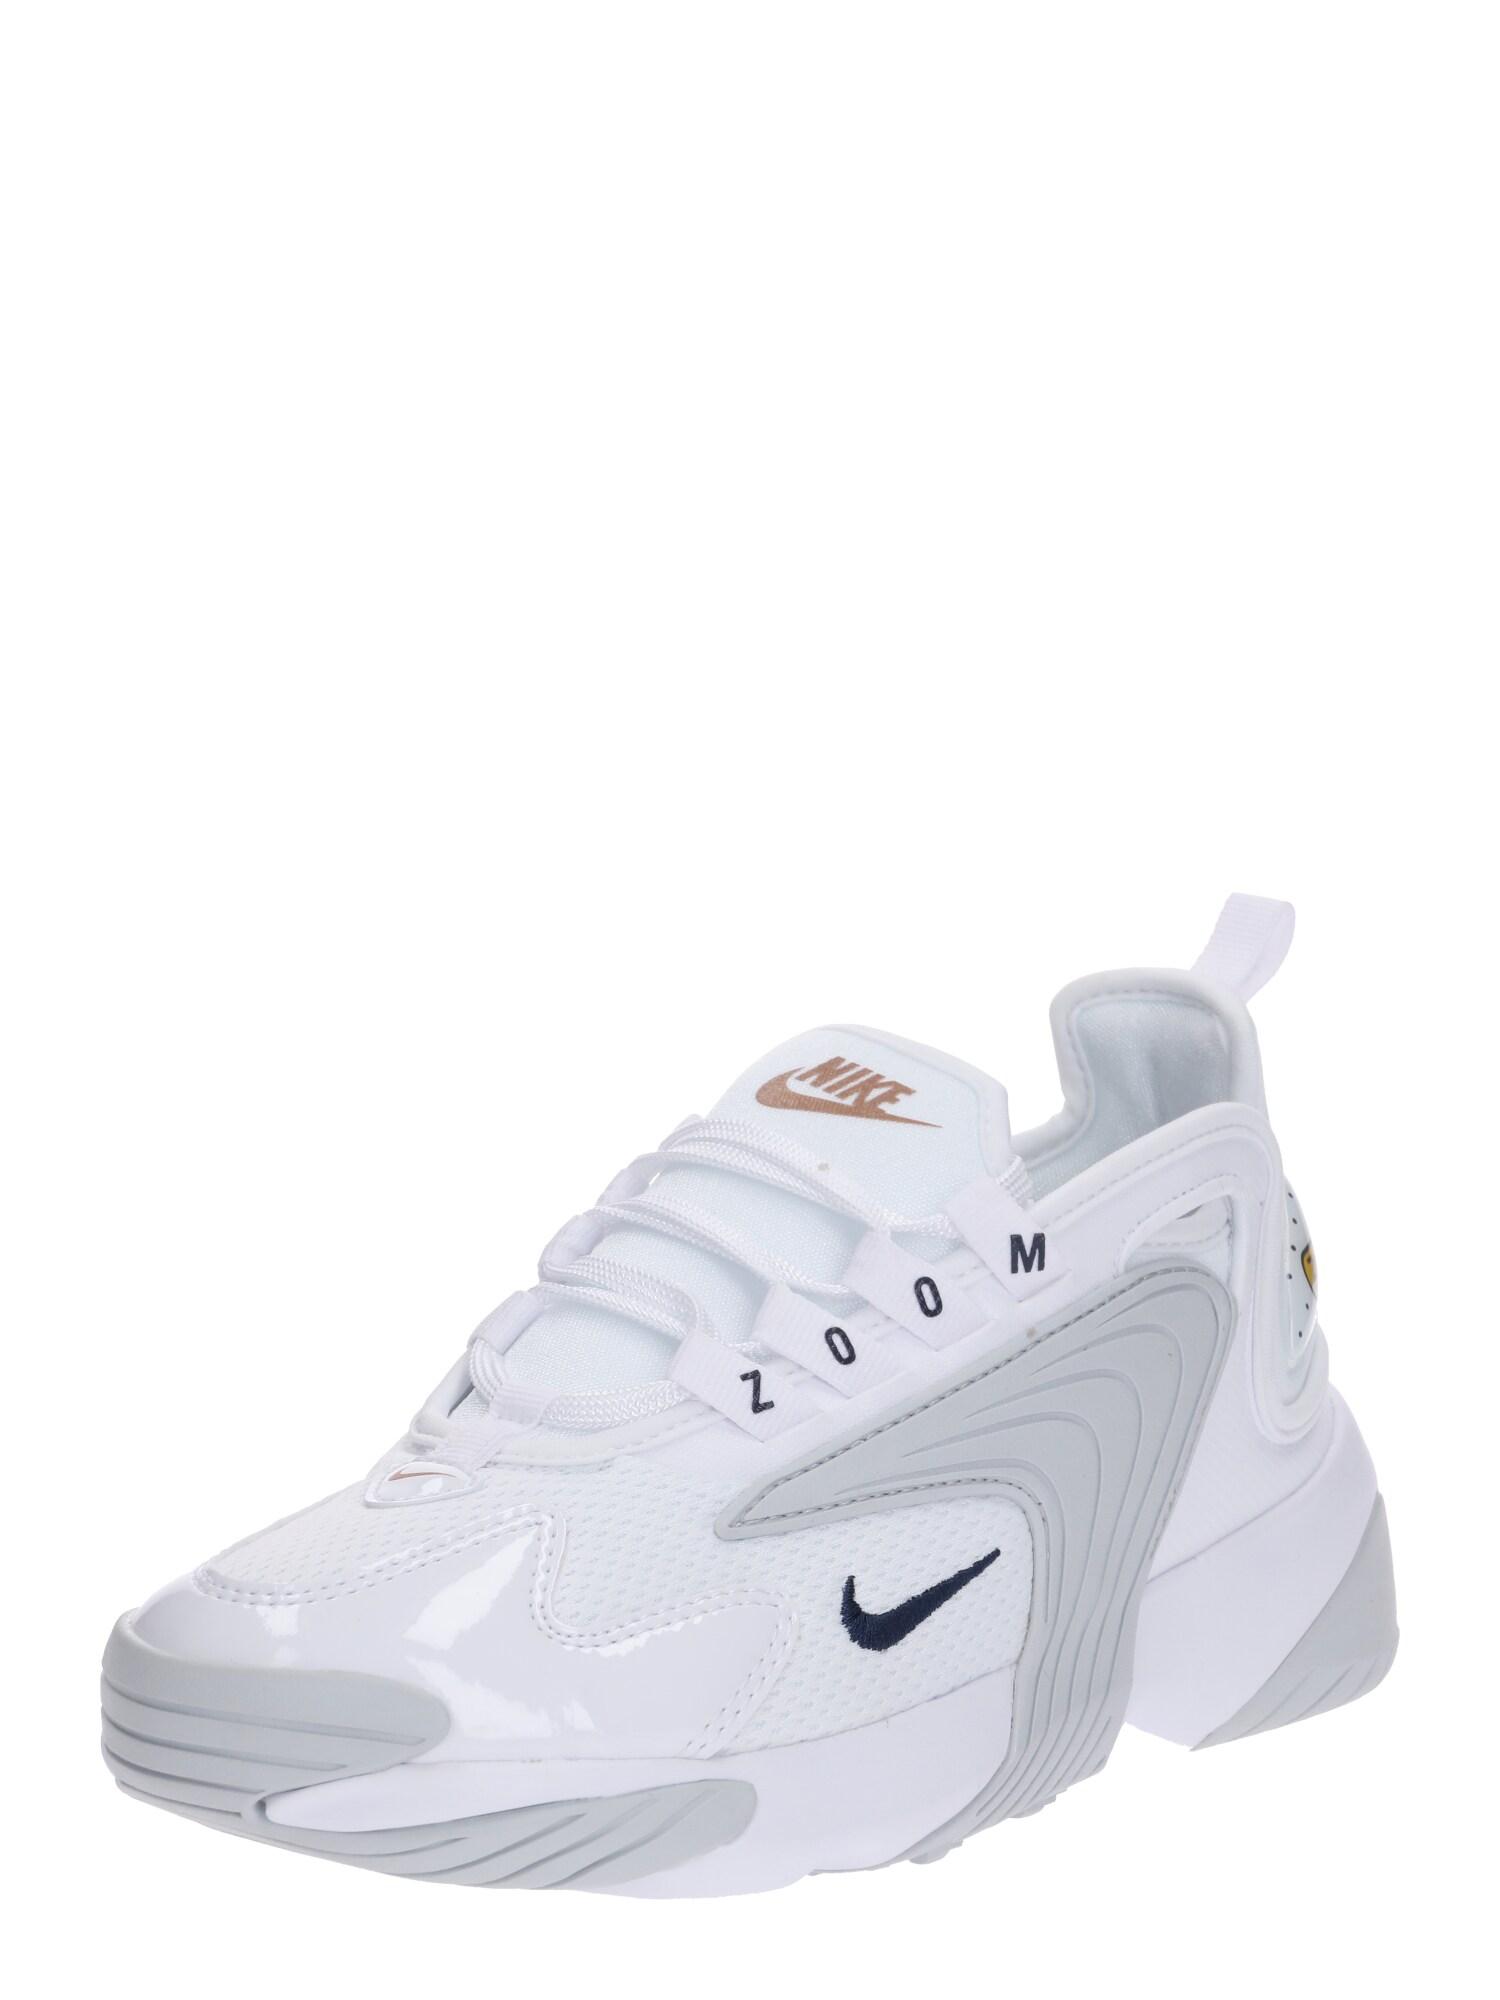 Nike Sportswear, Dames Sneakers laag 'WMNS NIKE ZOOM 2K', navy / wit